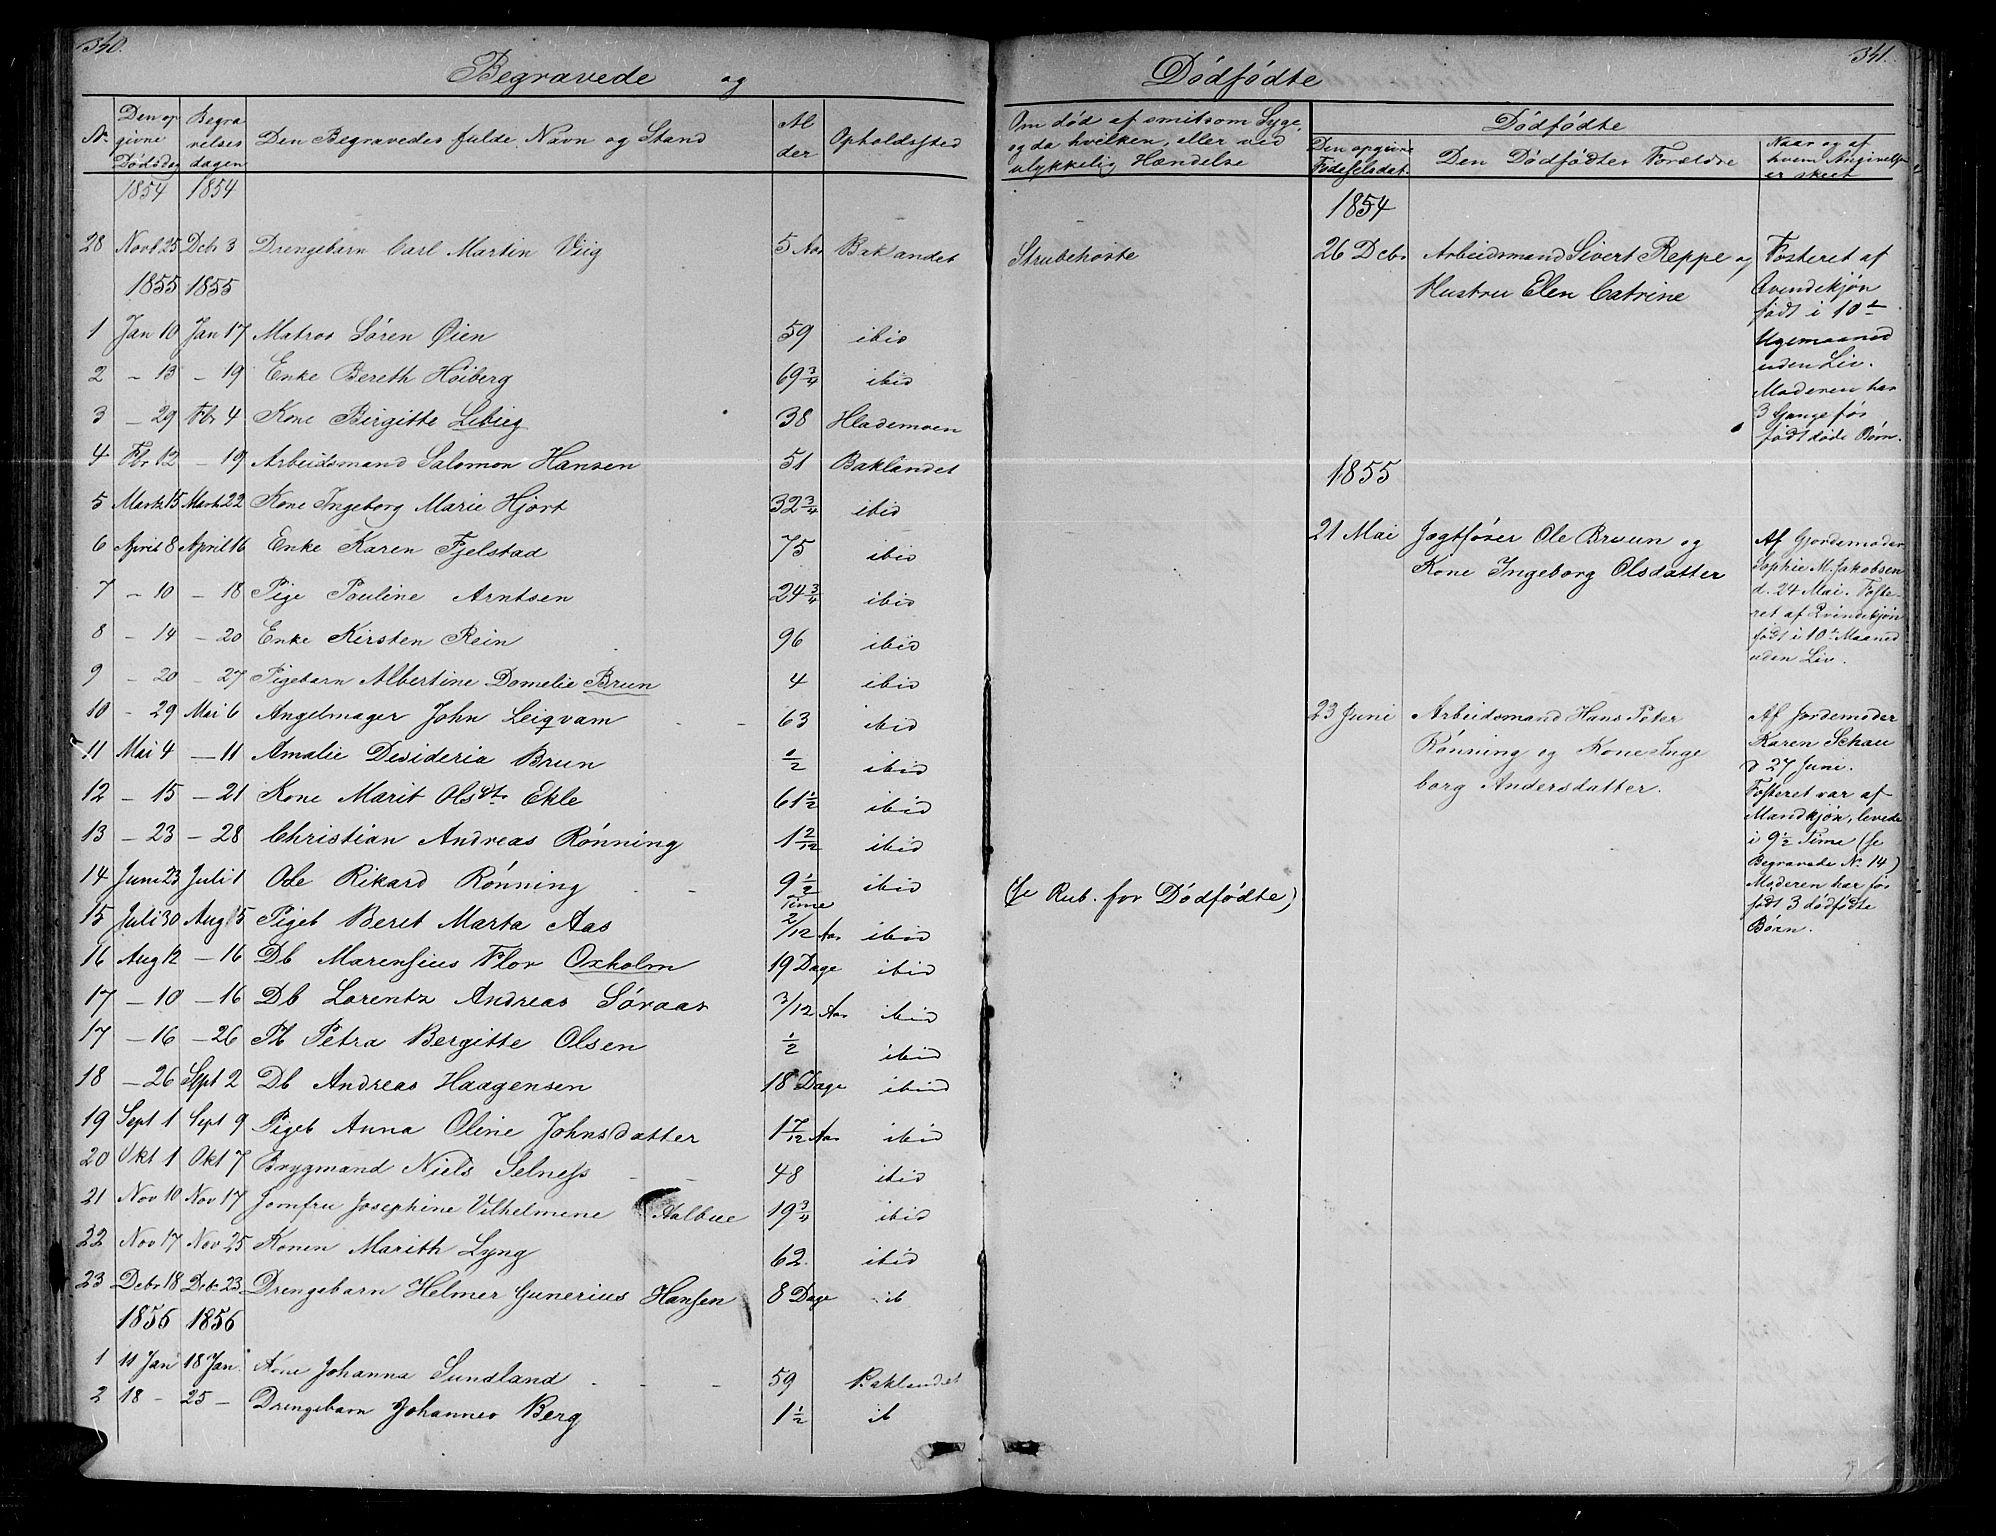 SAT, Ministerialprotokoller, klokkerbøker og fødselsregistre - Sør-Trøndelag, 604/L0219: Klokkerbok nr. 604C02, 1851-1869, s. 340-341